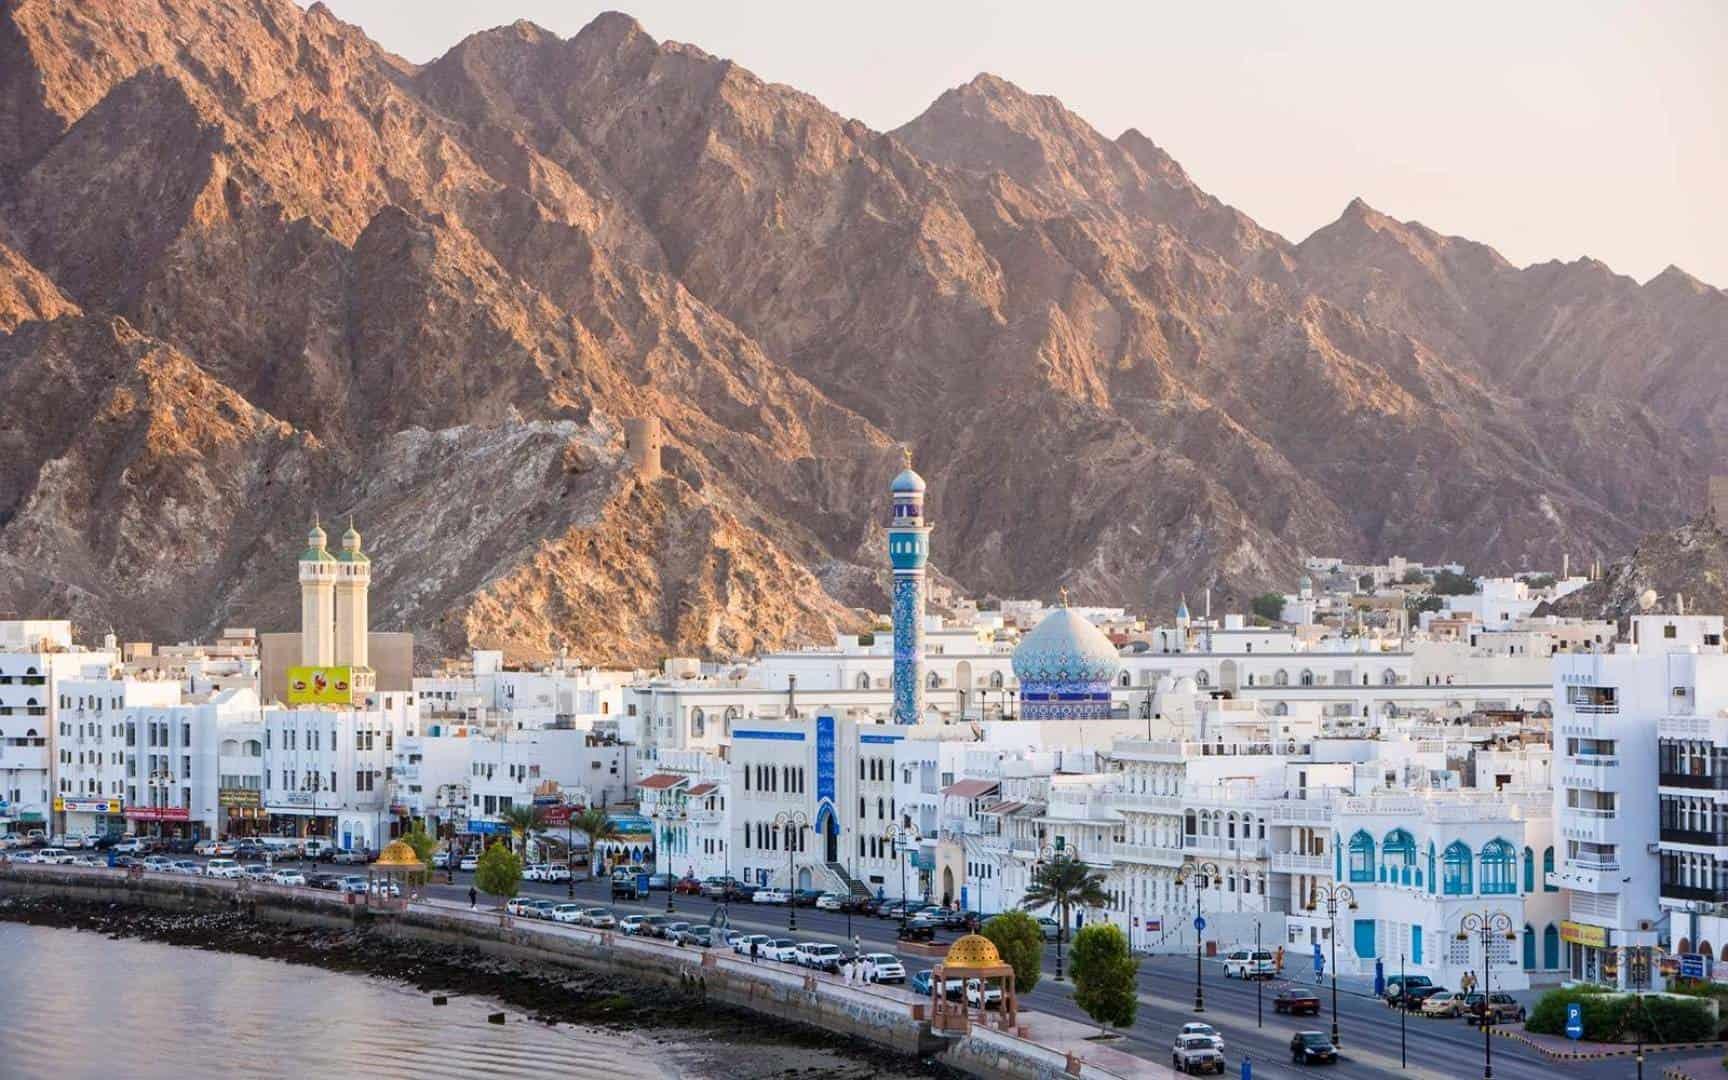 التأشيرات والسياحة في سلطنة عمان